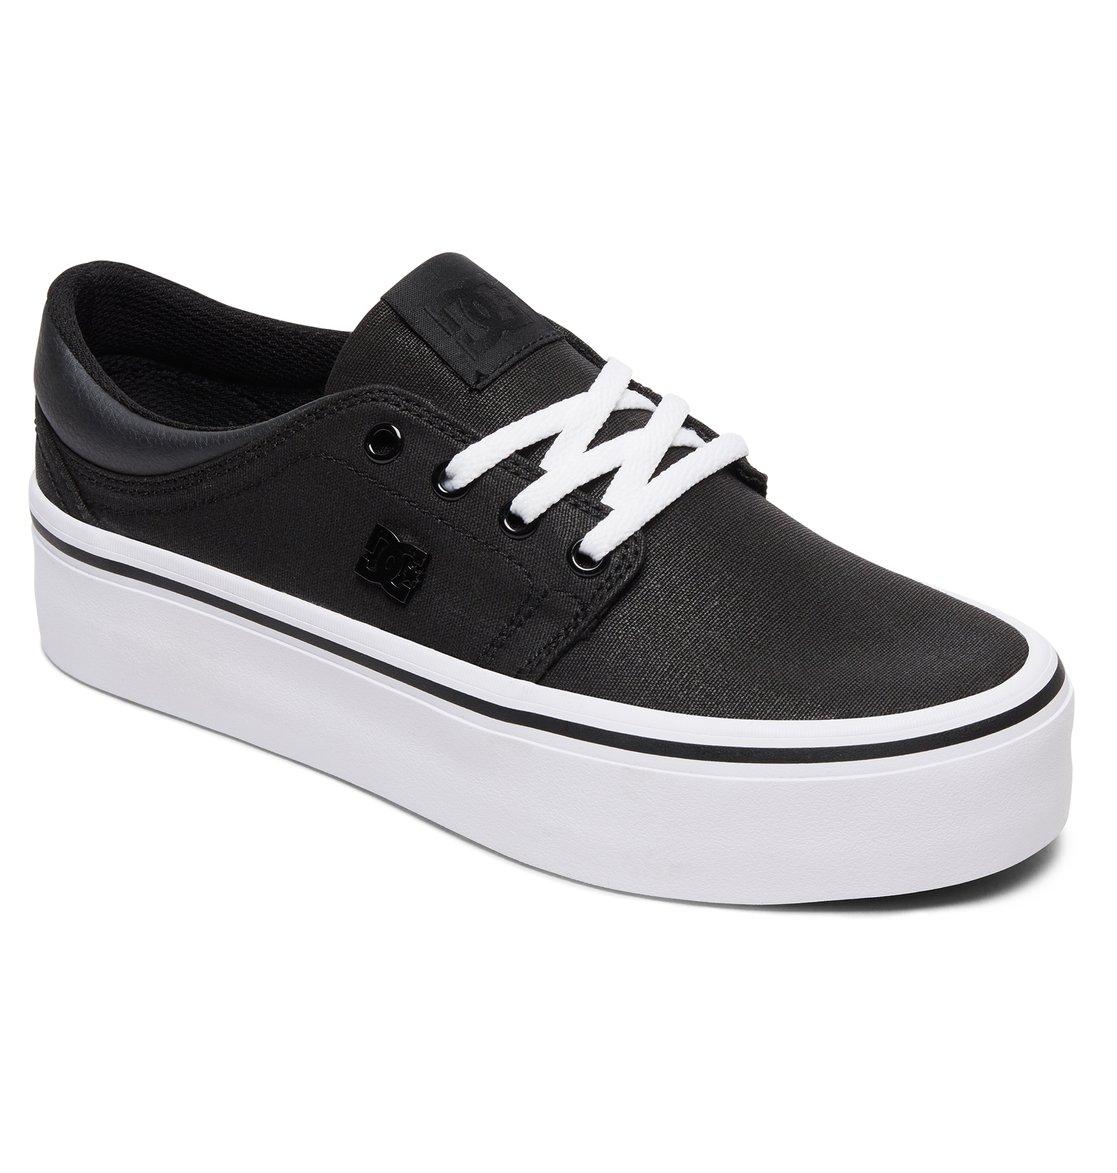 acbf4f035b 1 Women's Trase Platform TX SE - Shoes Black ADJS300196 DC Shoes